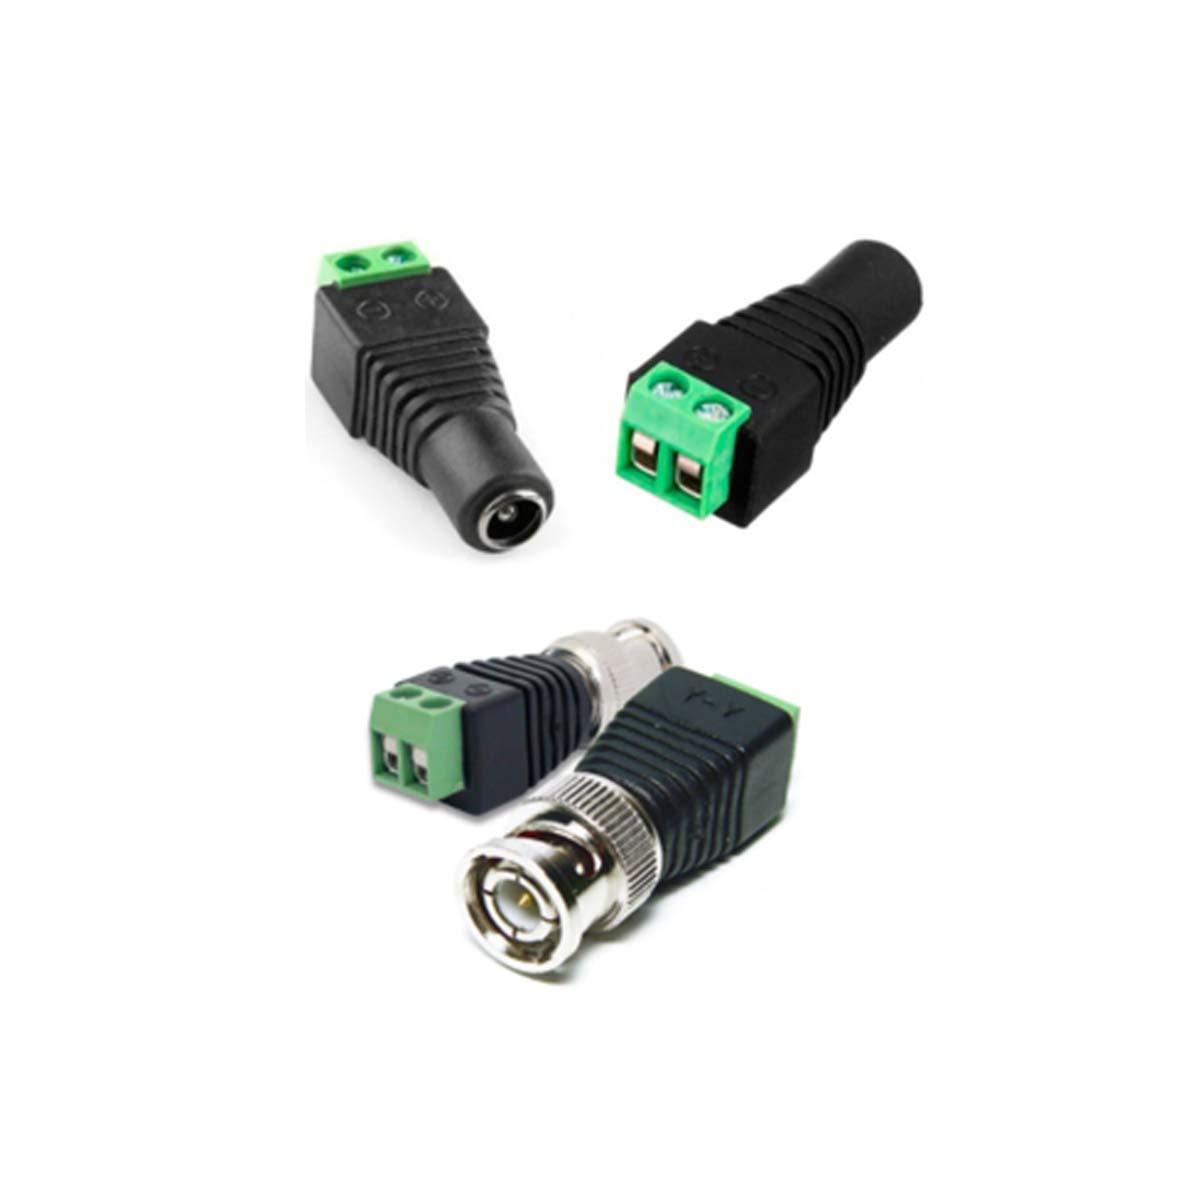 Kit CFTV 16 Câmeras VHD 1120 B G6 + MHDX 1116 HD 1TB + Itens